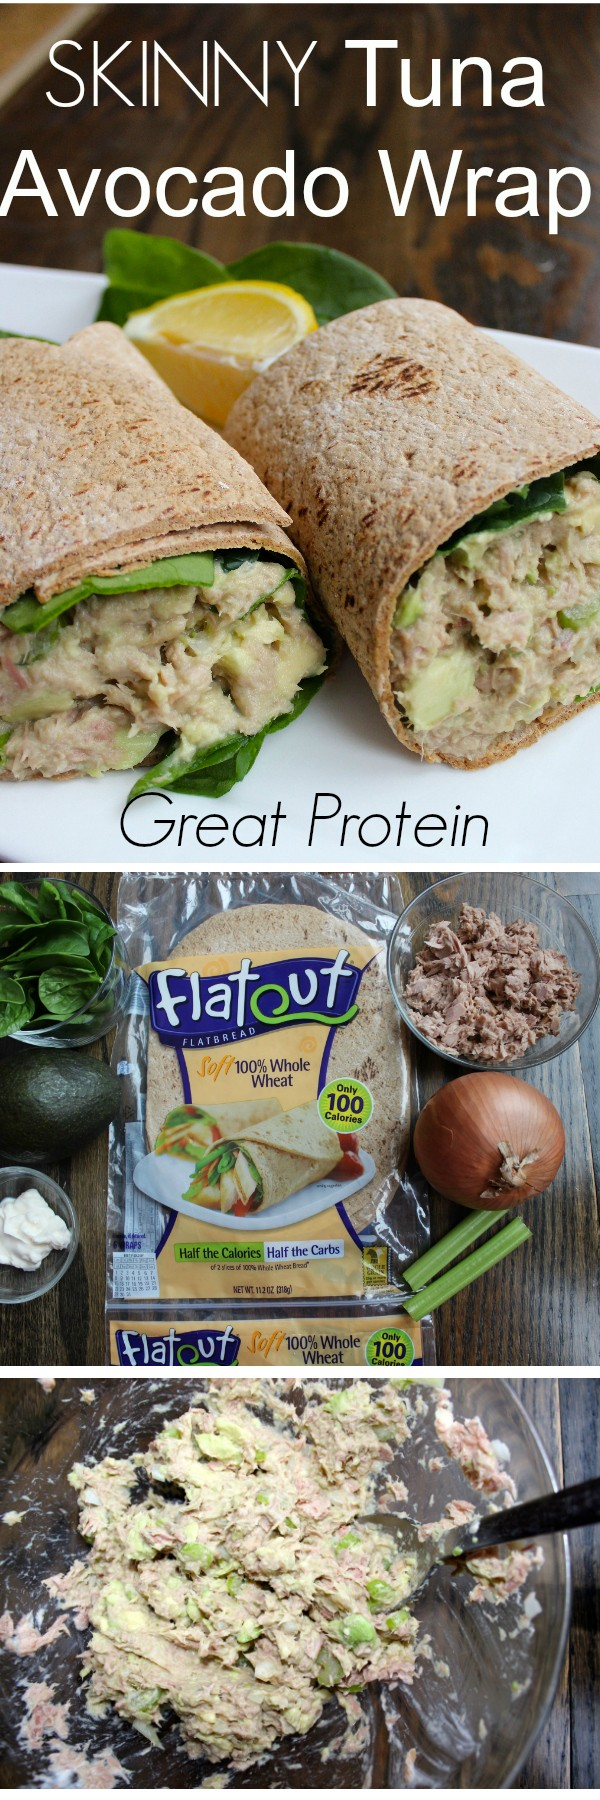 Get the recipe Skinny Tuna Avocado Wrap @recipes_to_go